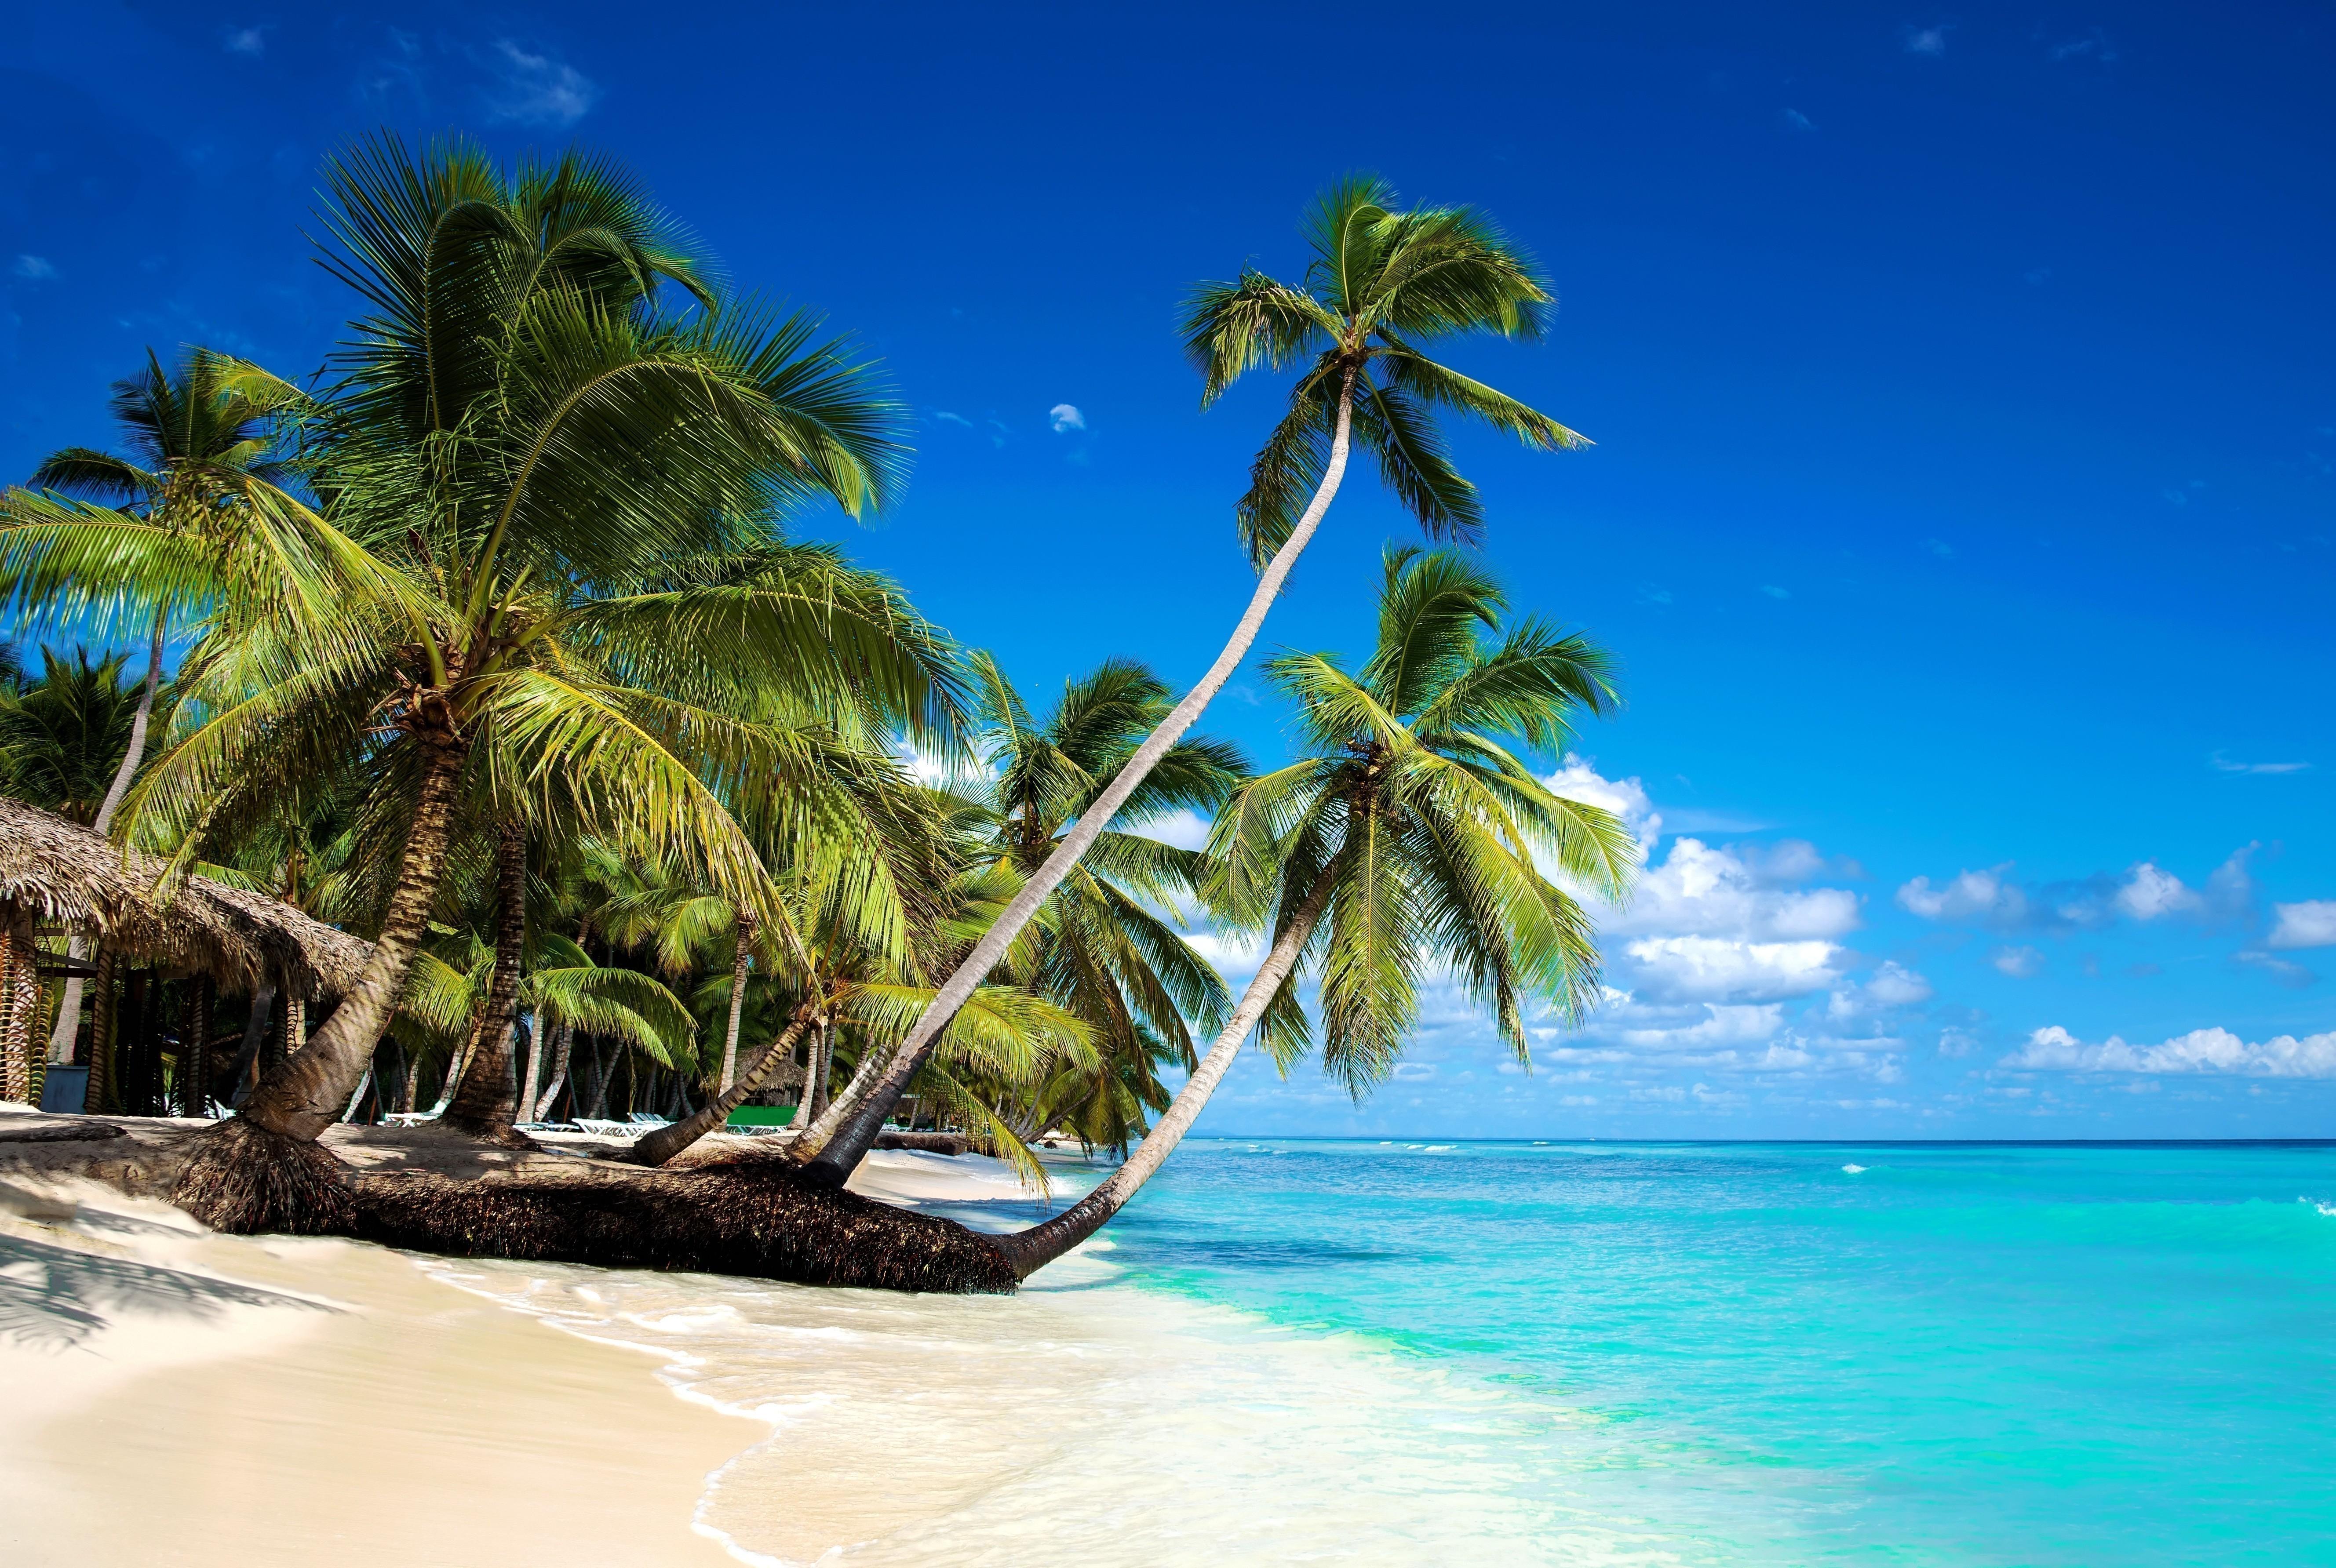 Tropical Beach In Caribbean Sea